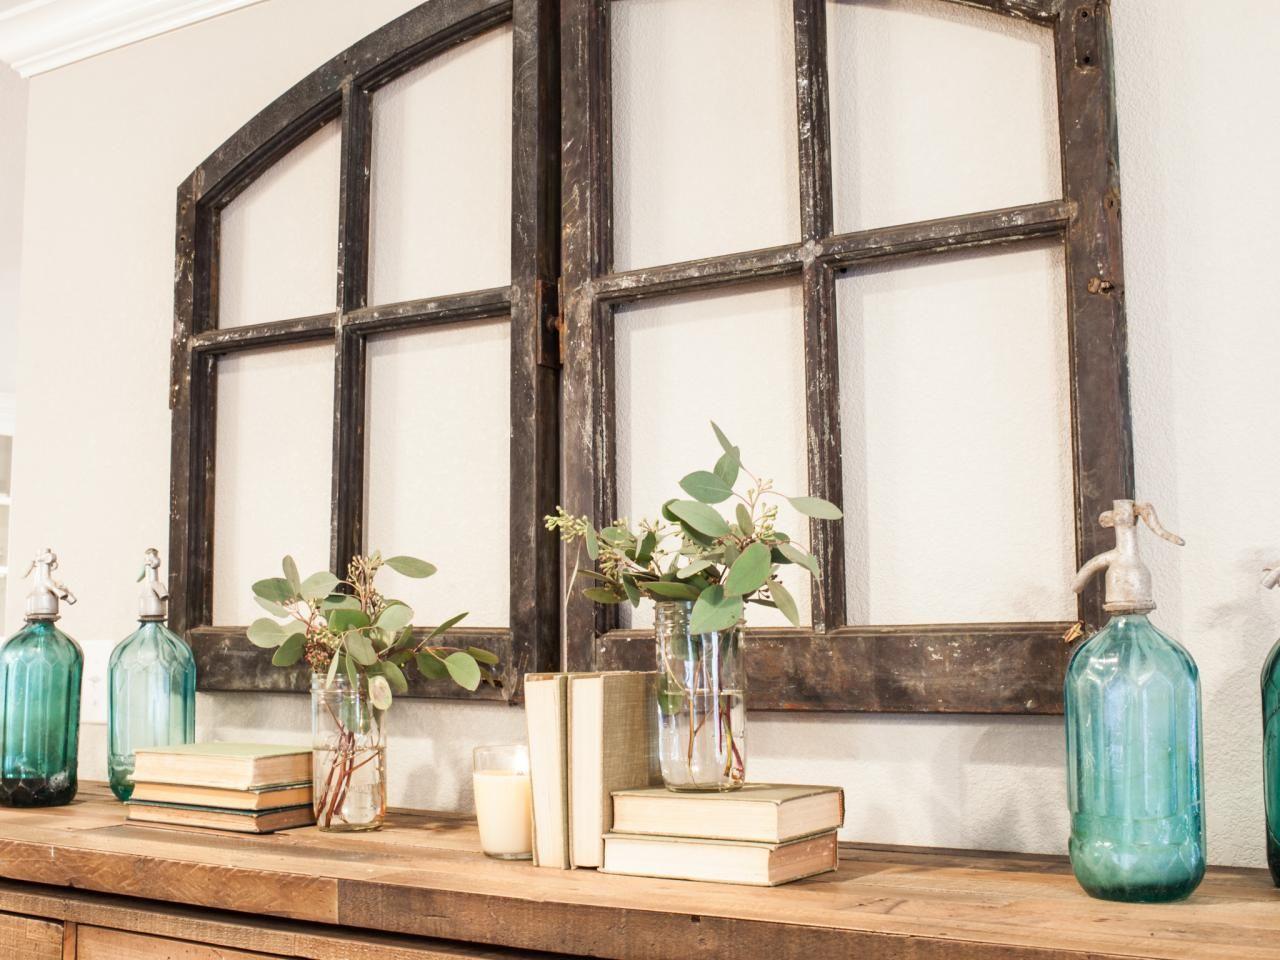 26 favorite fixer upper vignettes tablescapes deko. Black Bedroom Furniture Sets. Home Design Ideas